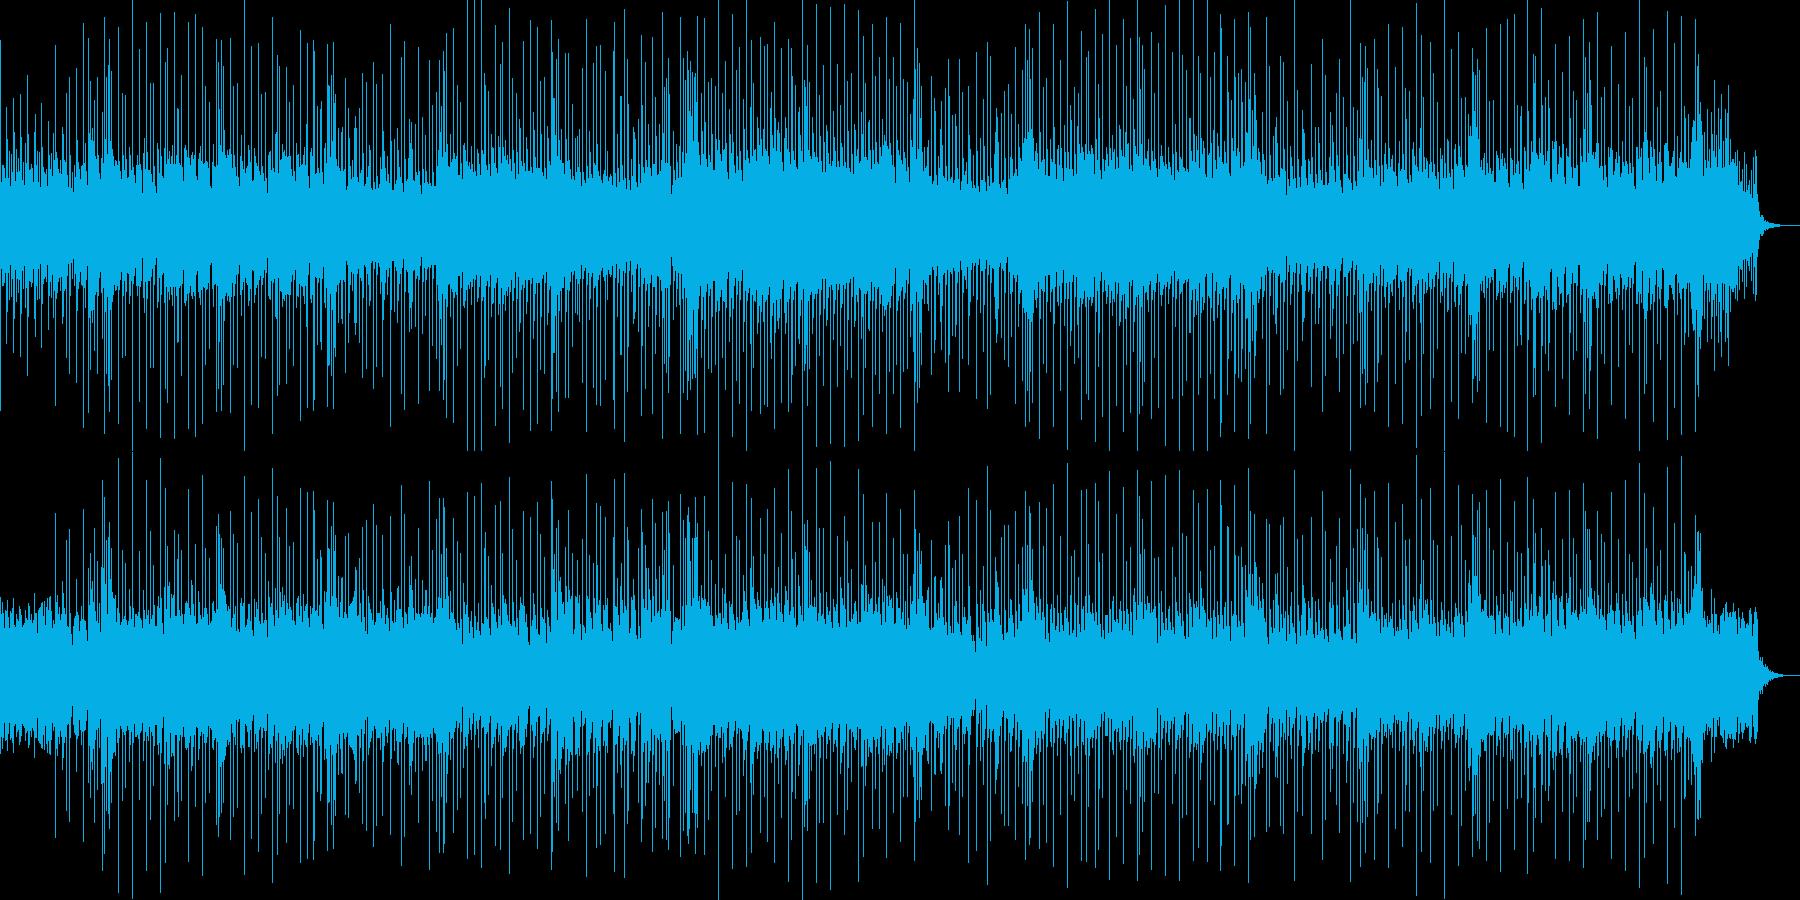 ベルが奏でる美しくも悲しいメロディの再生済みの波形